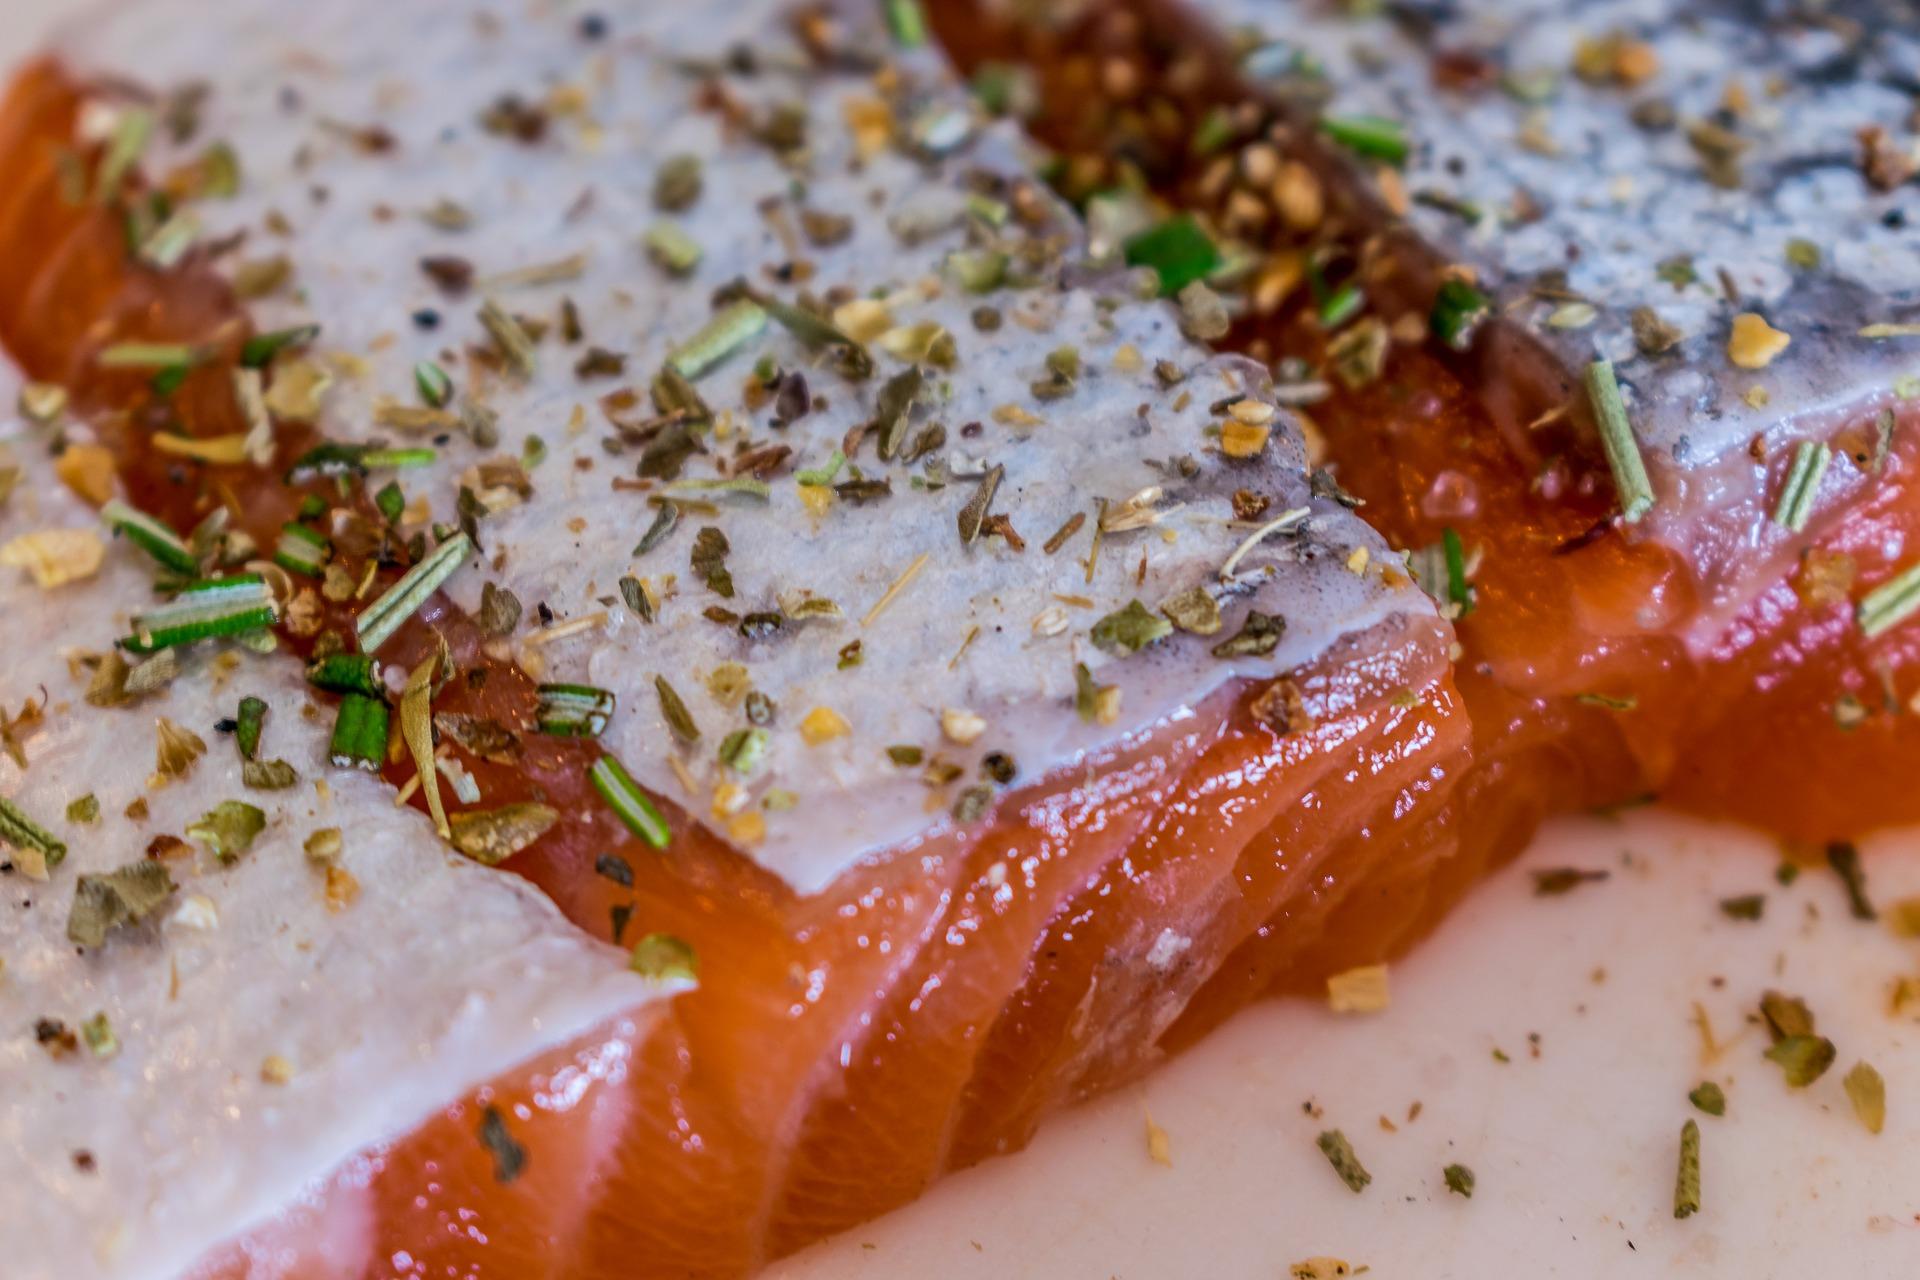 Bocconcini di salmone allo zenzero